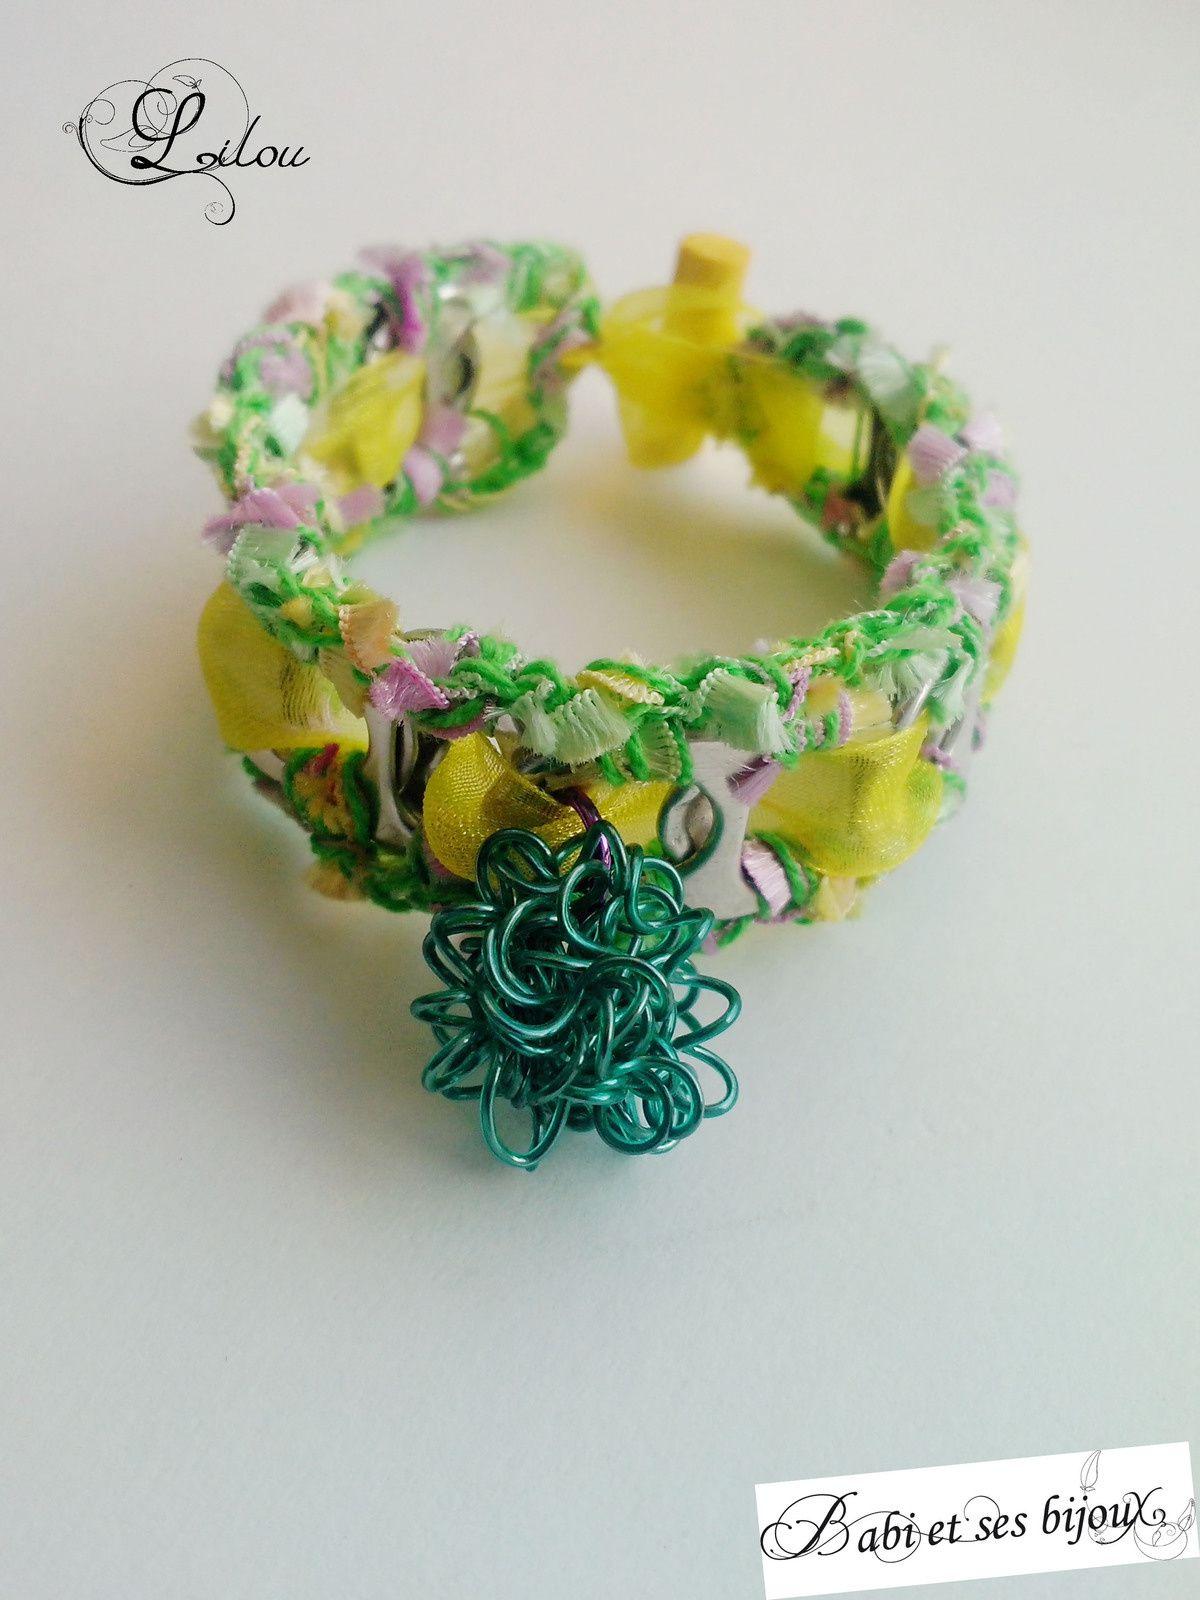 Une petite série de bracelets issus de tirettes de canettes... Ils sont tous différents... A chacun son style...